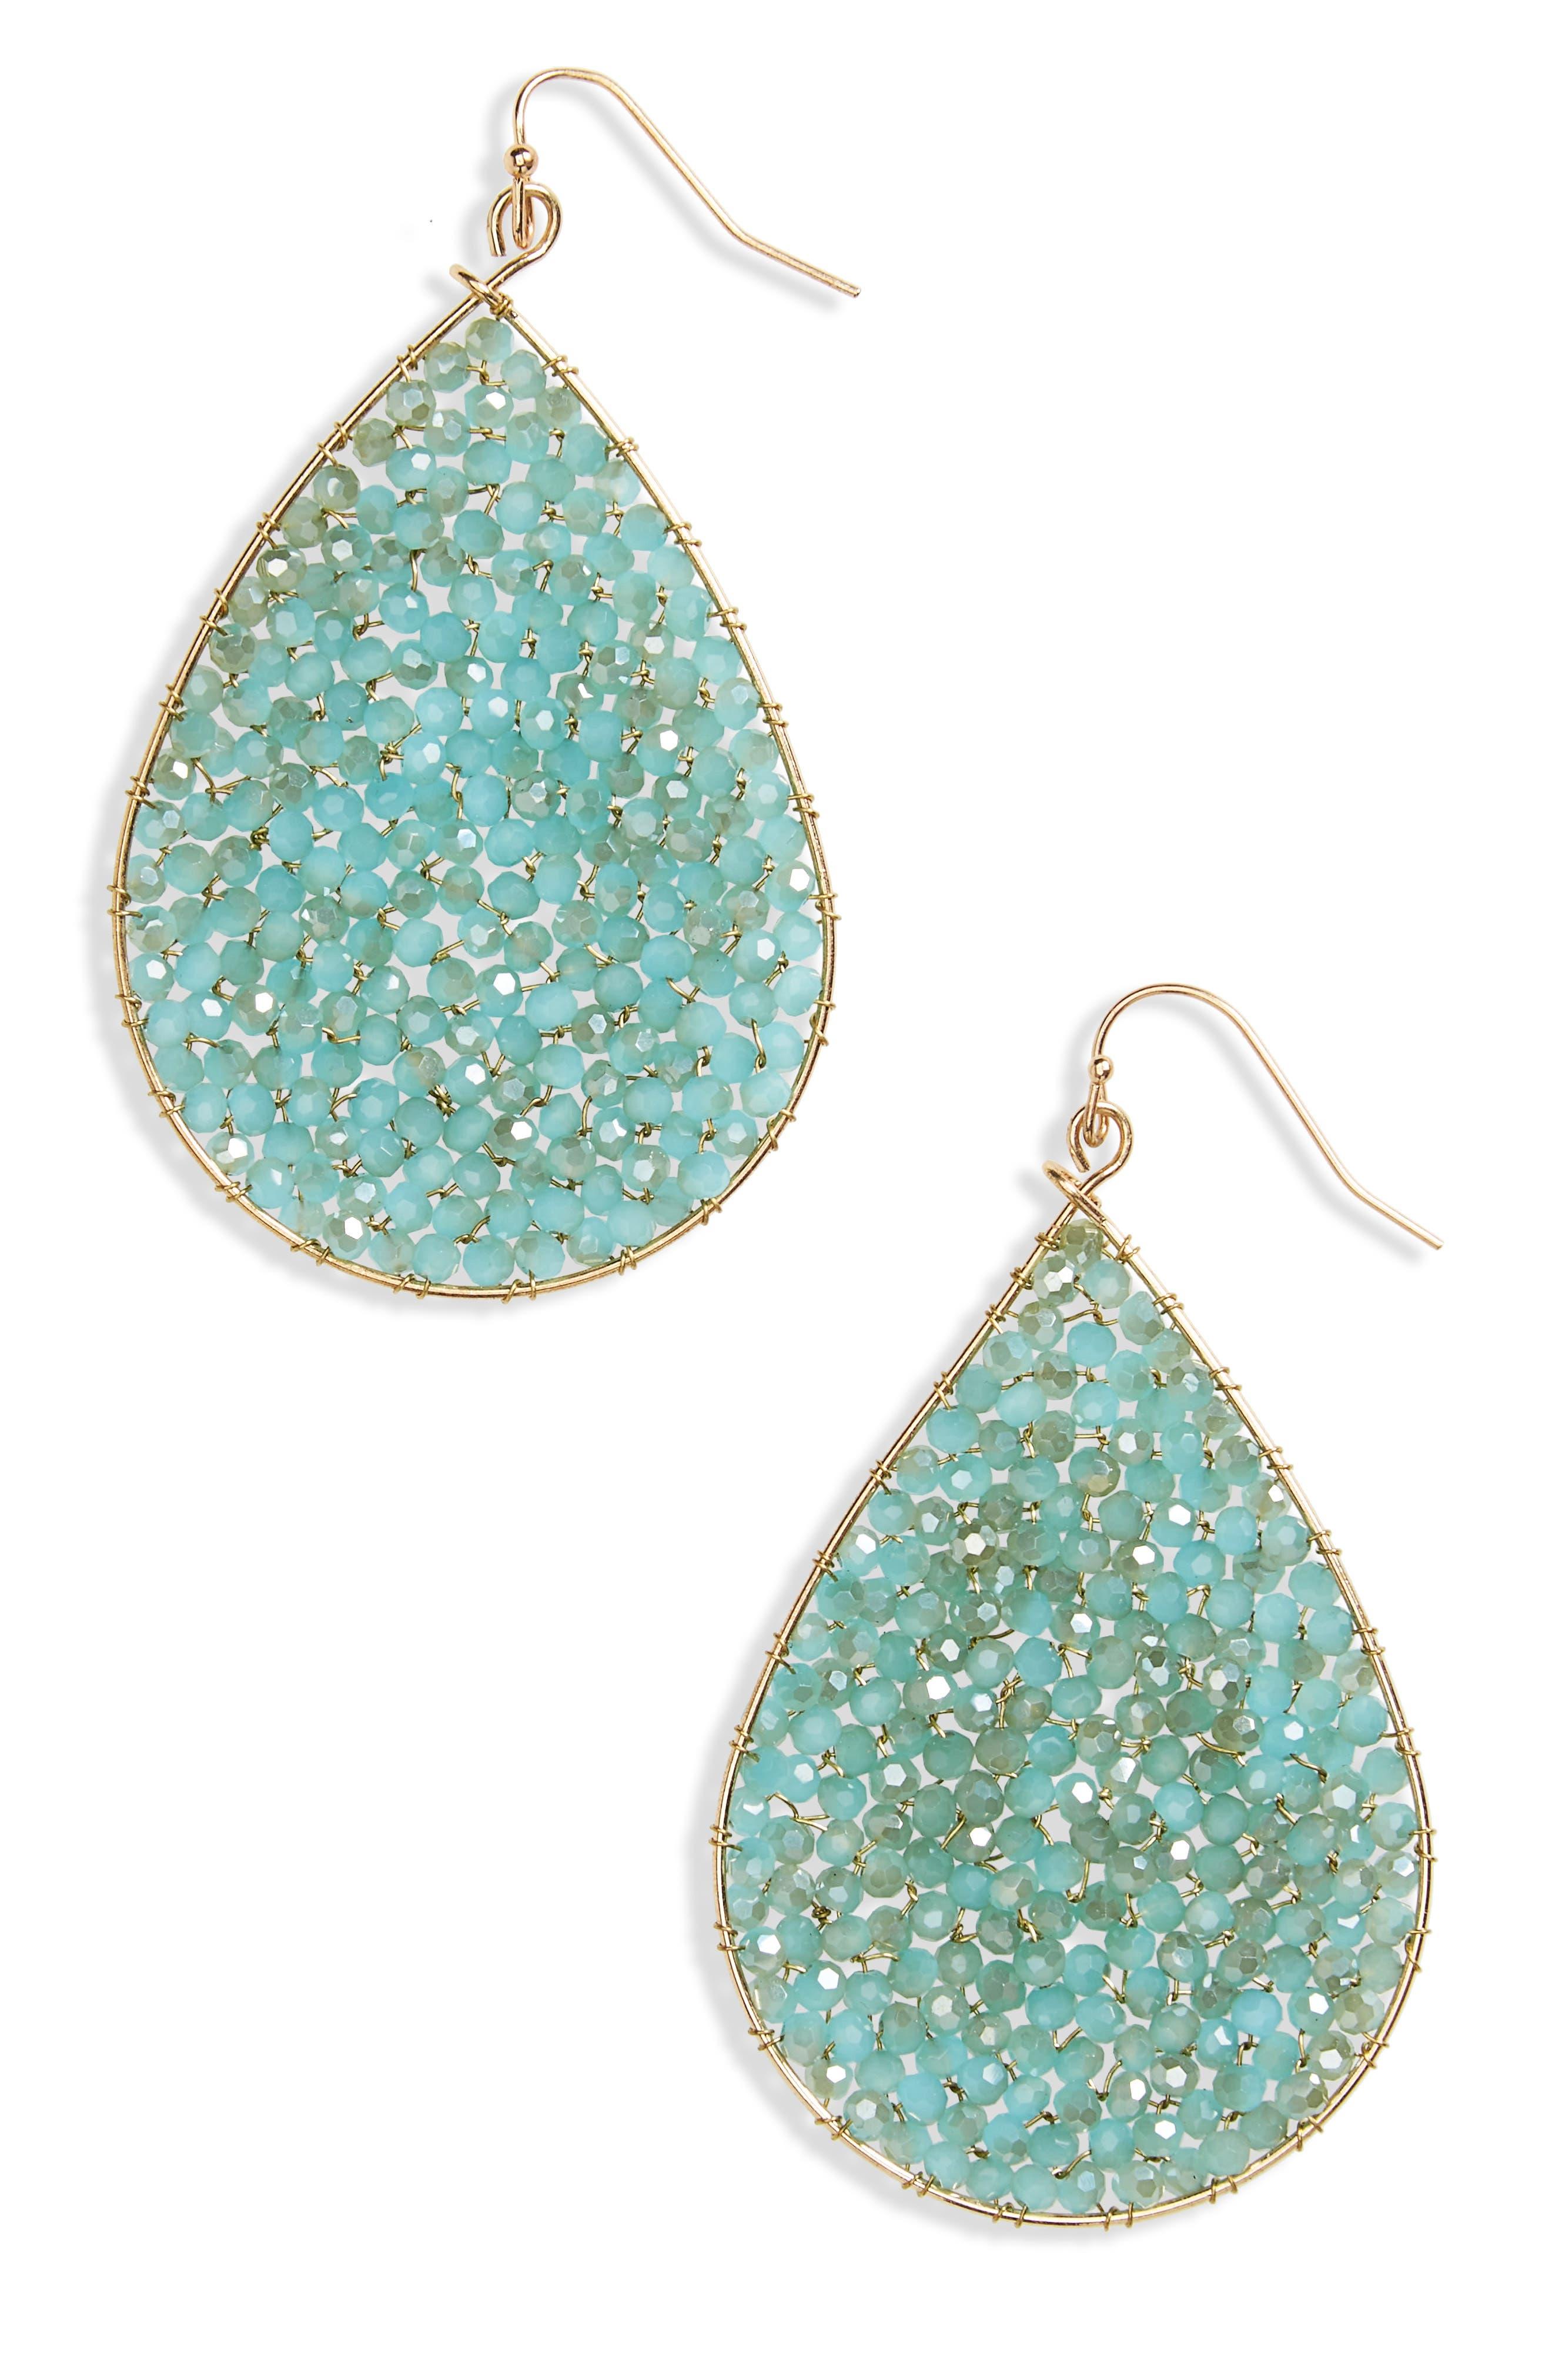 Crystal Teardrop Earrings,                         Main,                         color, Mint